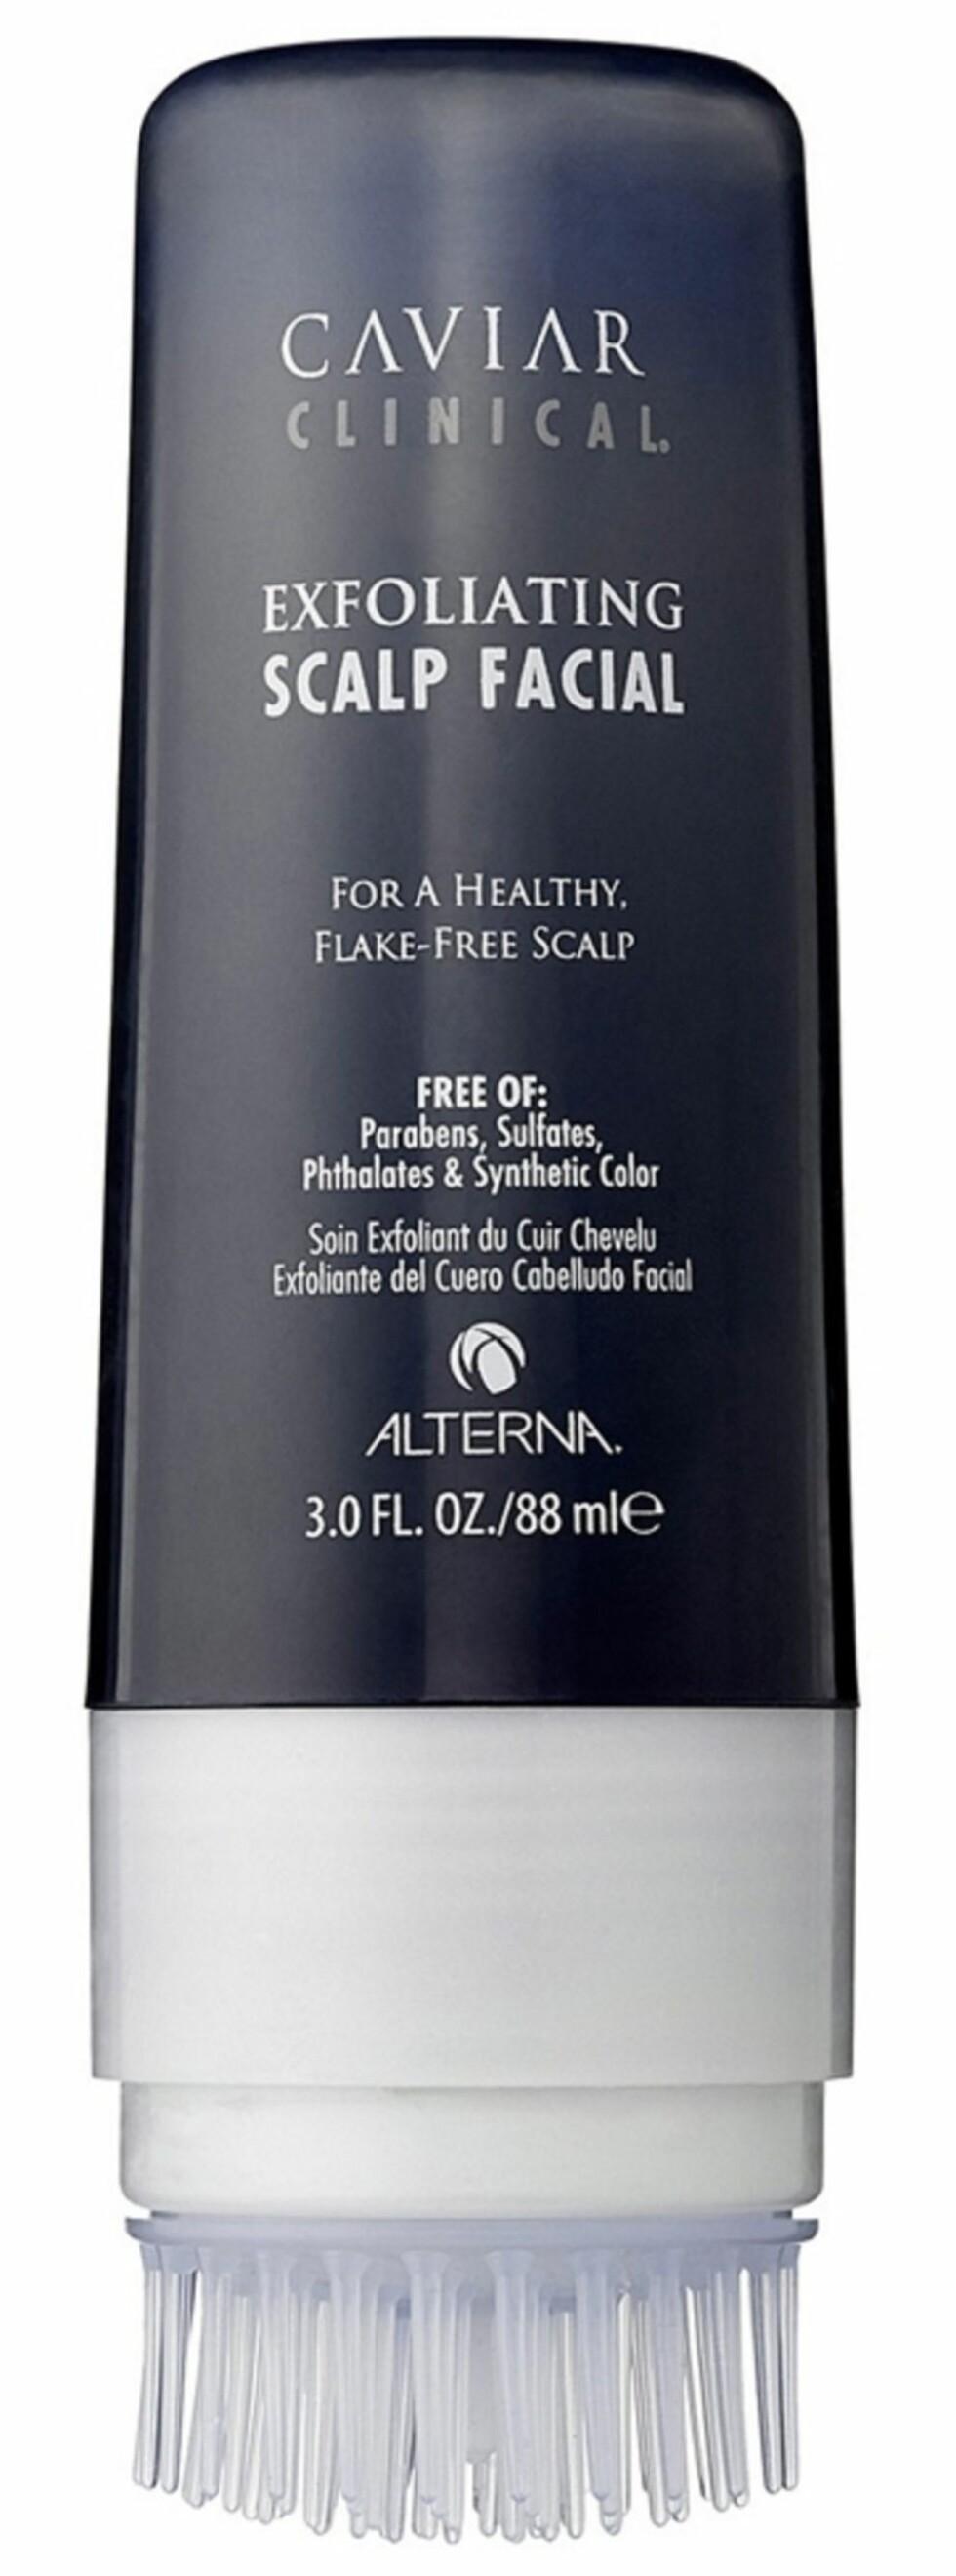 Alterna, Caviar Clinical, Exfoliating Scalp Facial (kr 420).